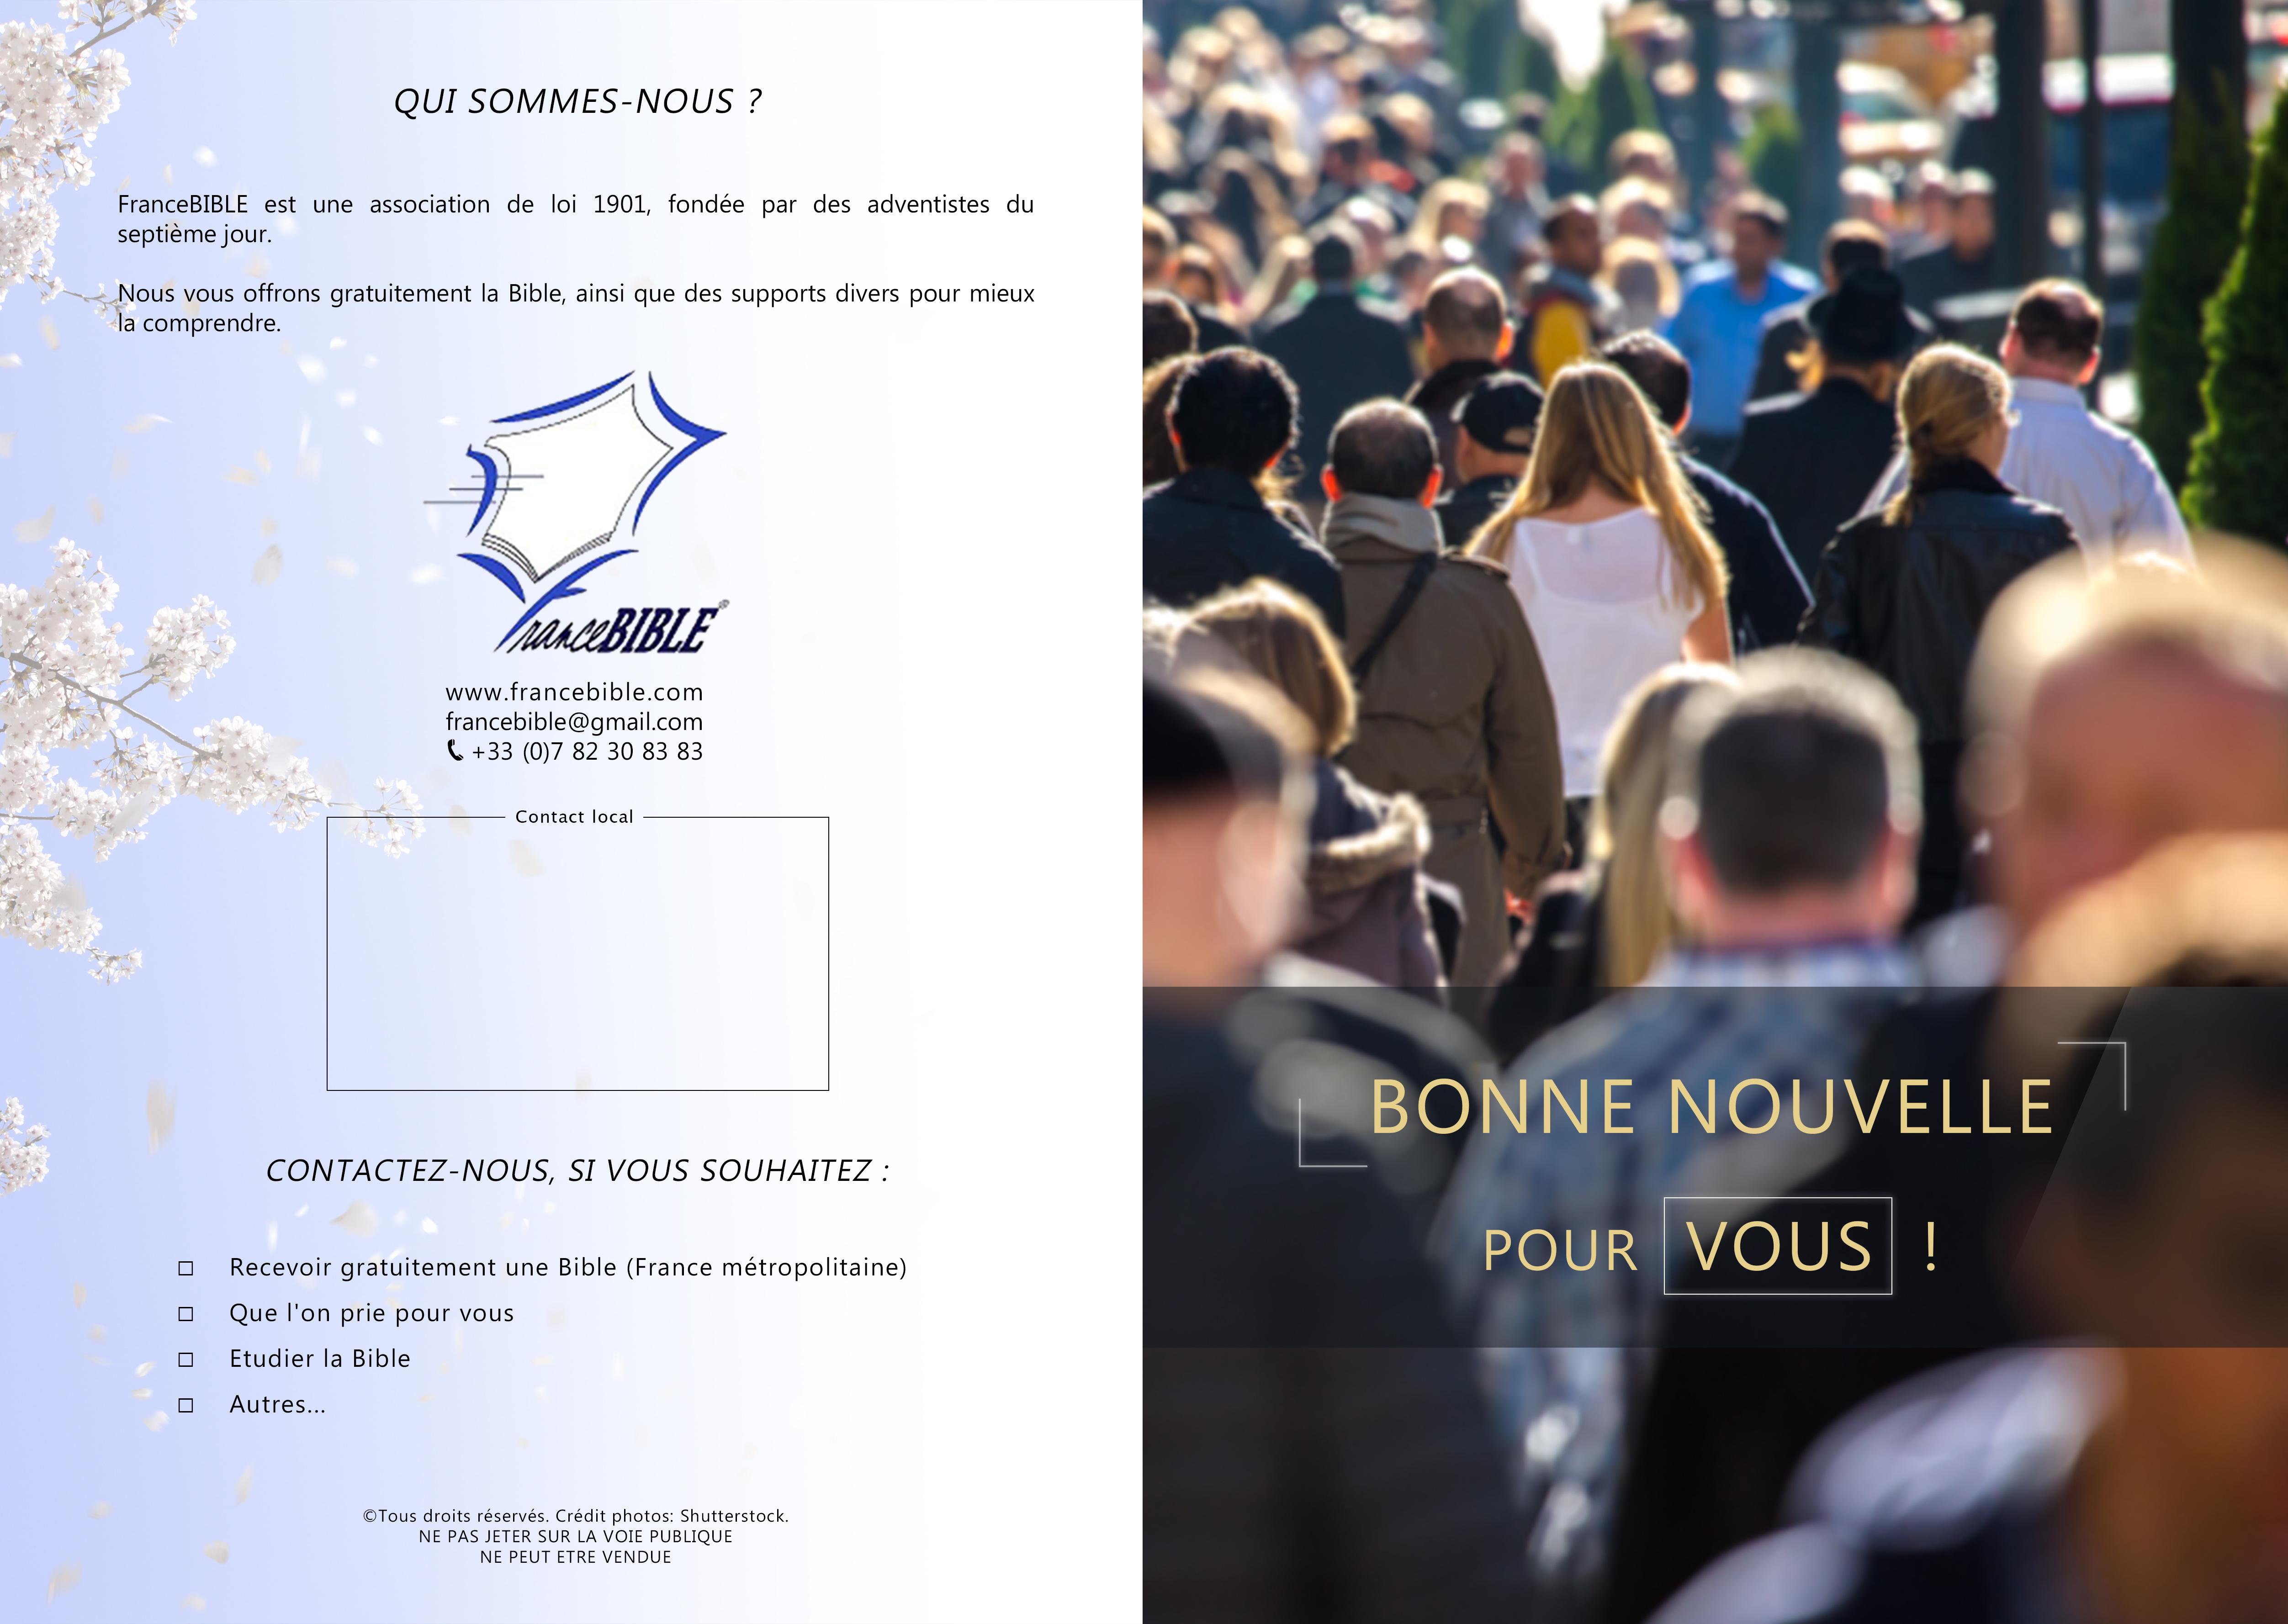 Dépliant_A5_-_Bonne_nouvelle_P.1_©Copyright_FranceBIBLE